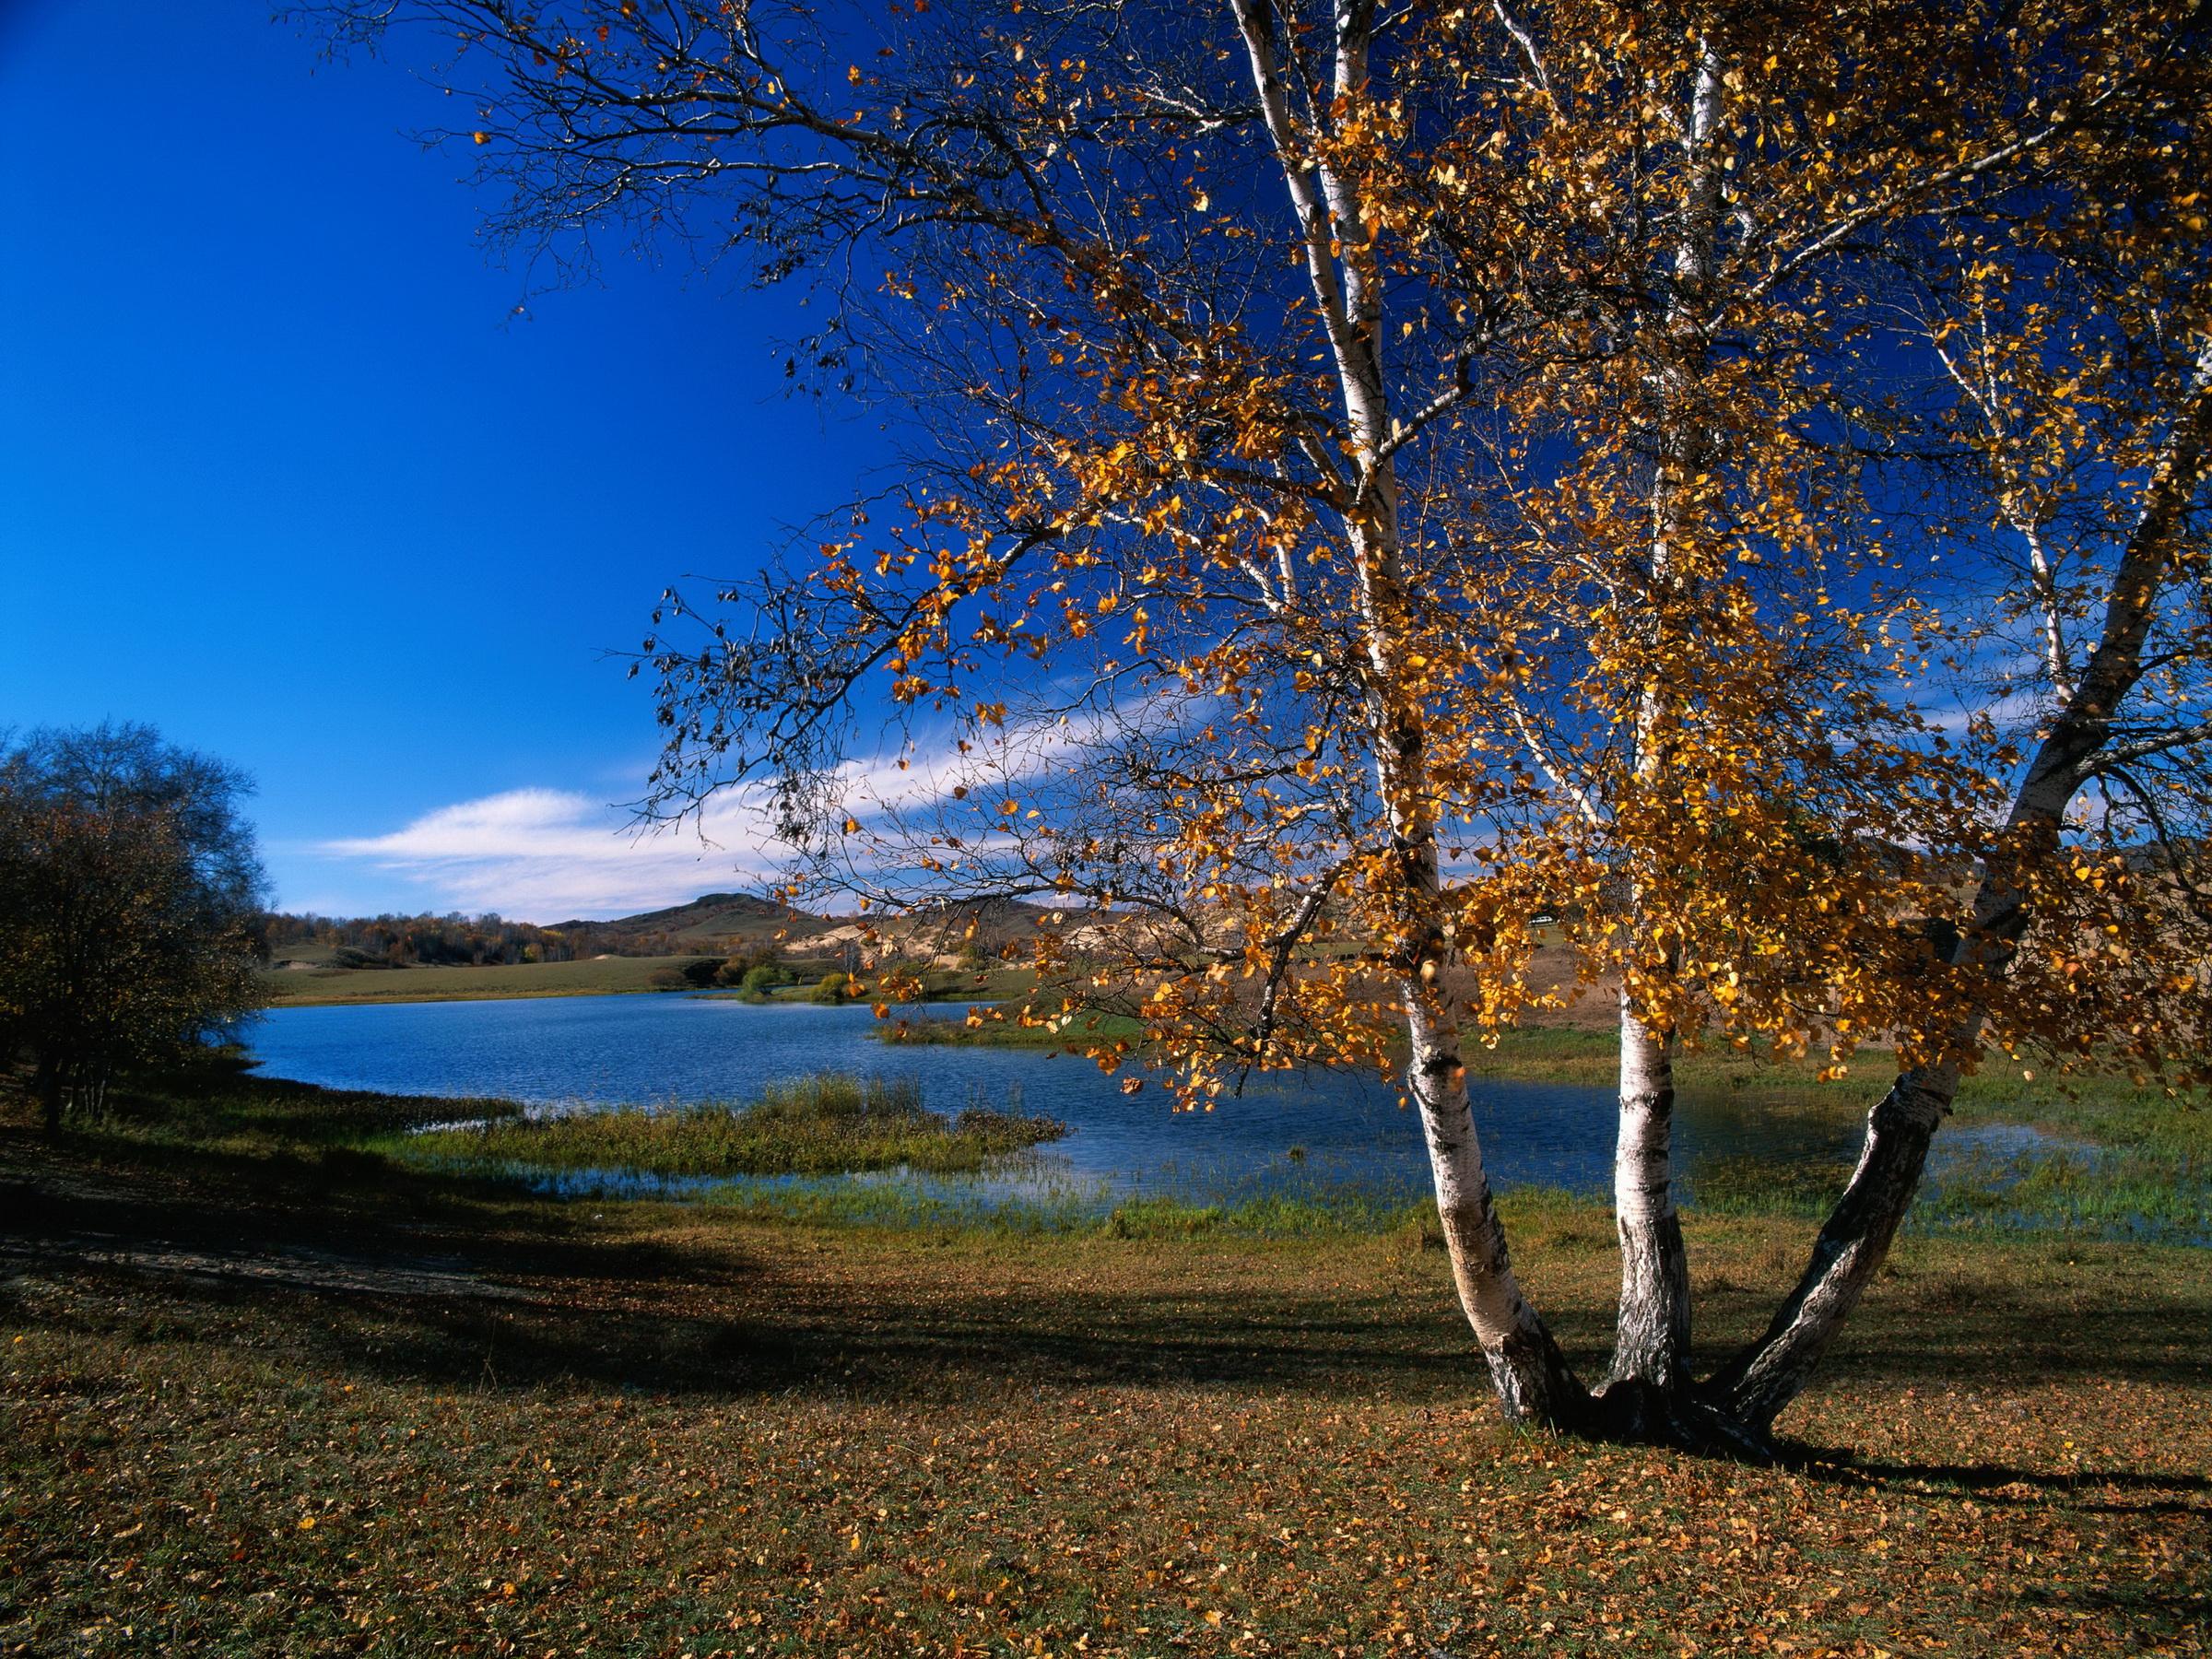 осень озеро природа облака деревья  № 2491580 загрузить